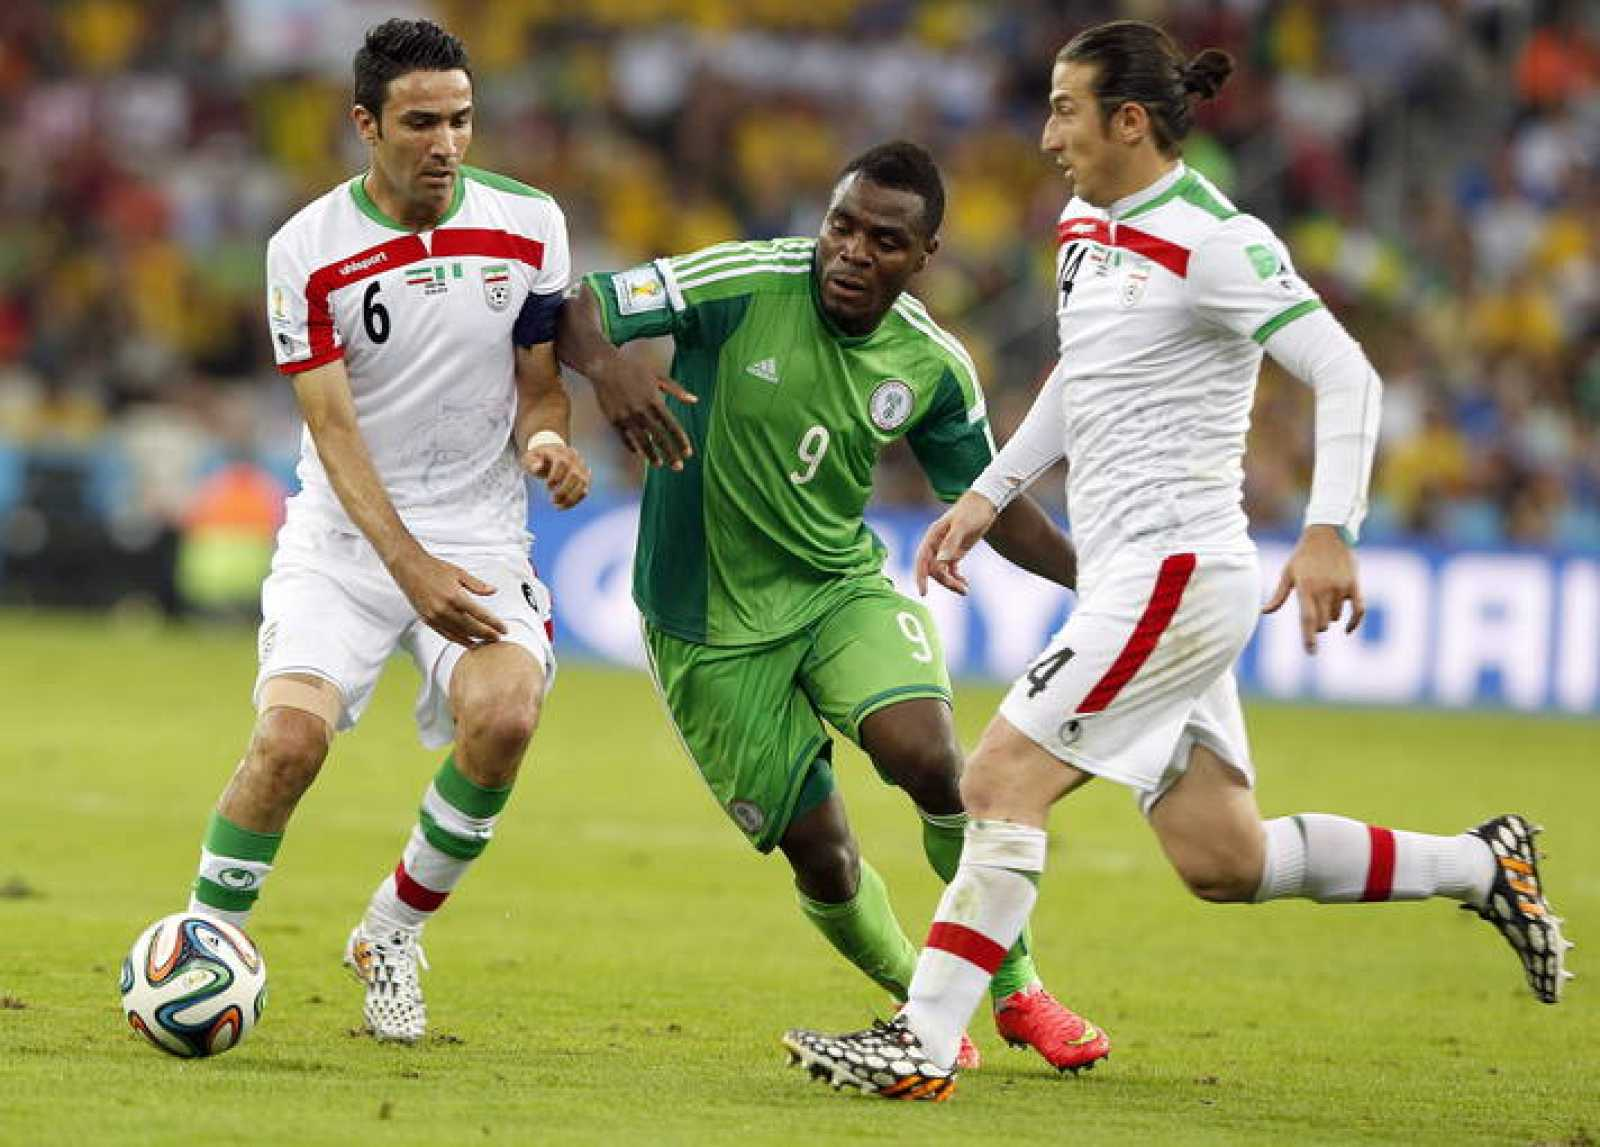 El nigeriano Emmanuel Emenike defendido por Javad Nekounam y Andranik Timotian durante el partido.